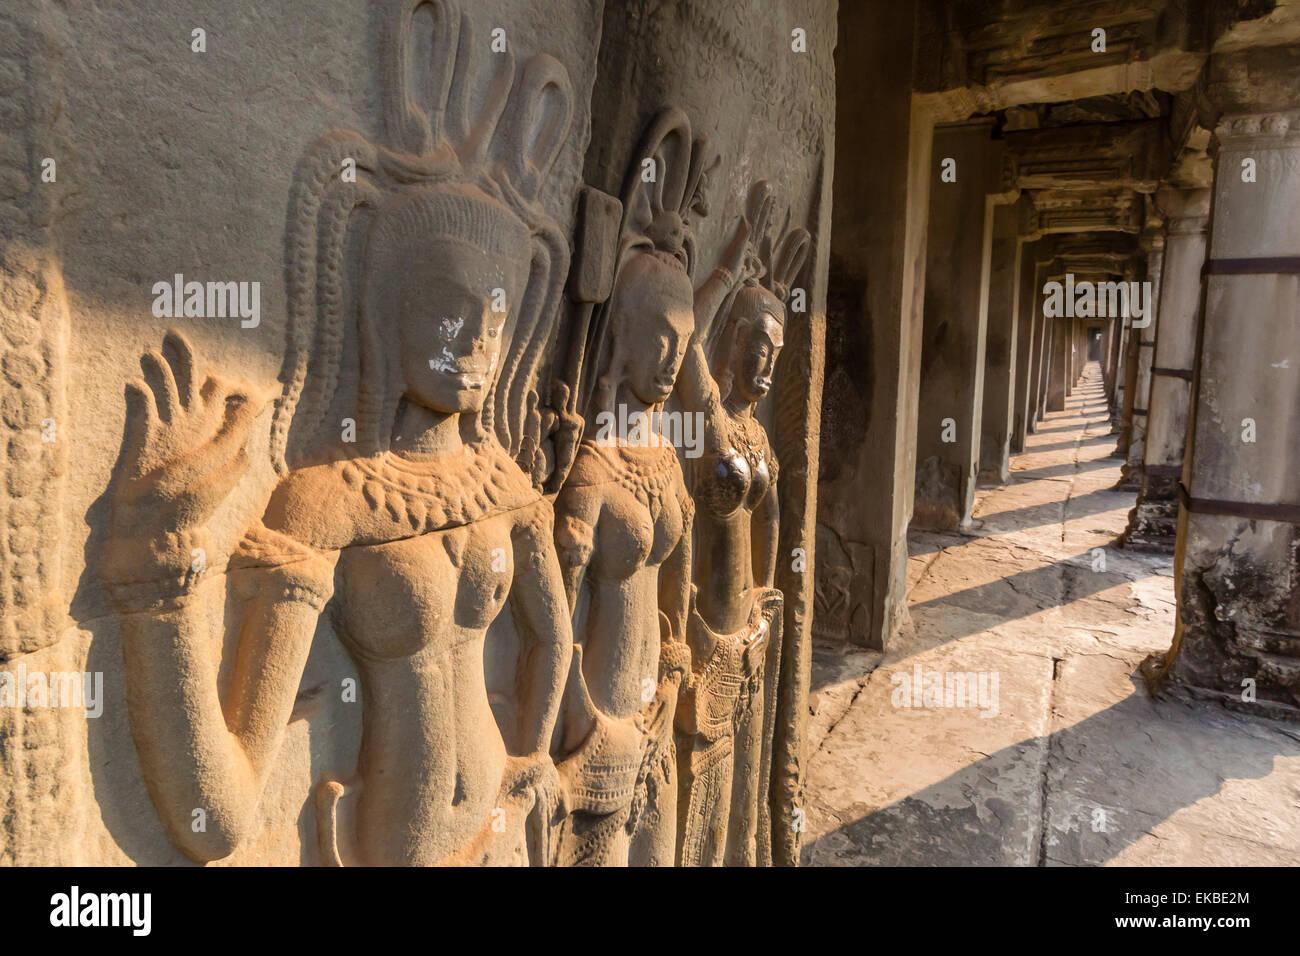 Bajorrelieve tallas de Apsara, Angkor Wat, Angkor, UNESCO, Siem Reap, Camboya, en Indochina, en el sudeste de Asia, Imagen De Stock